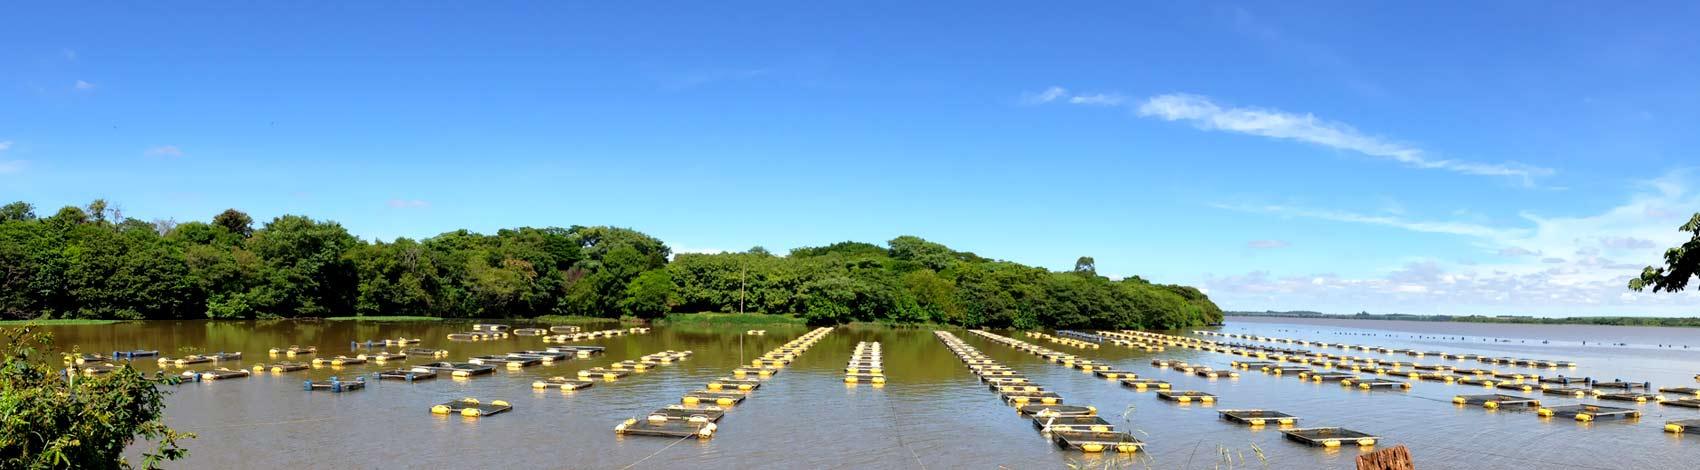 piscicultura-itambaraca